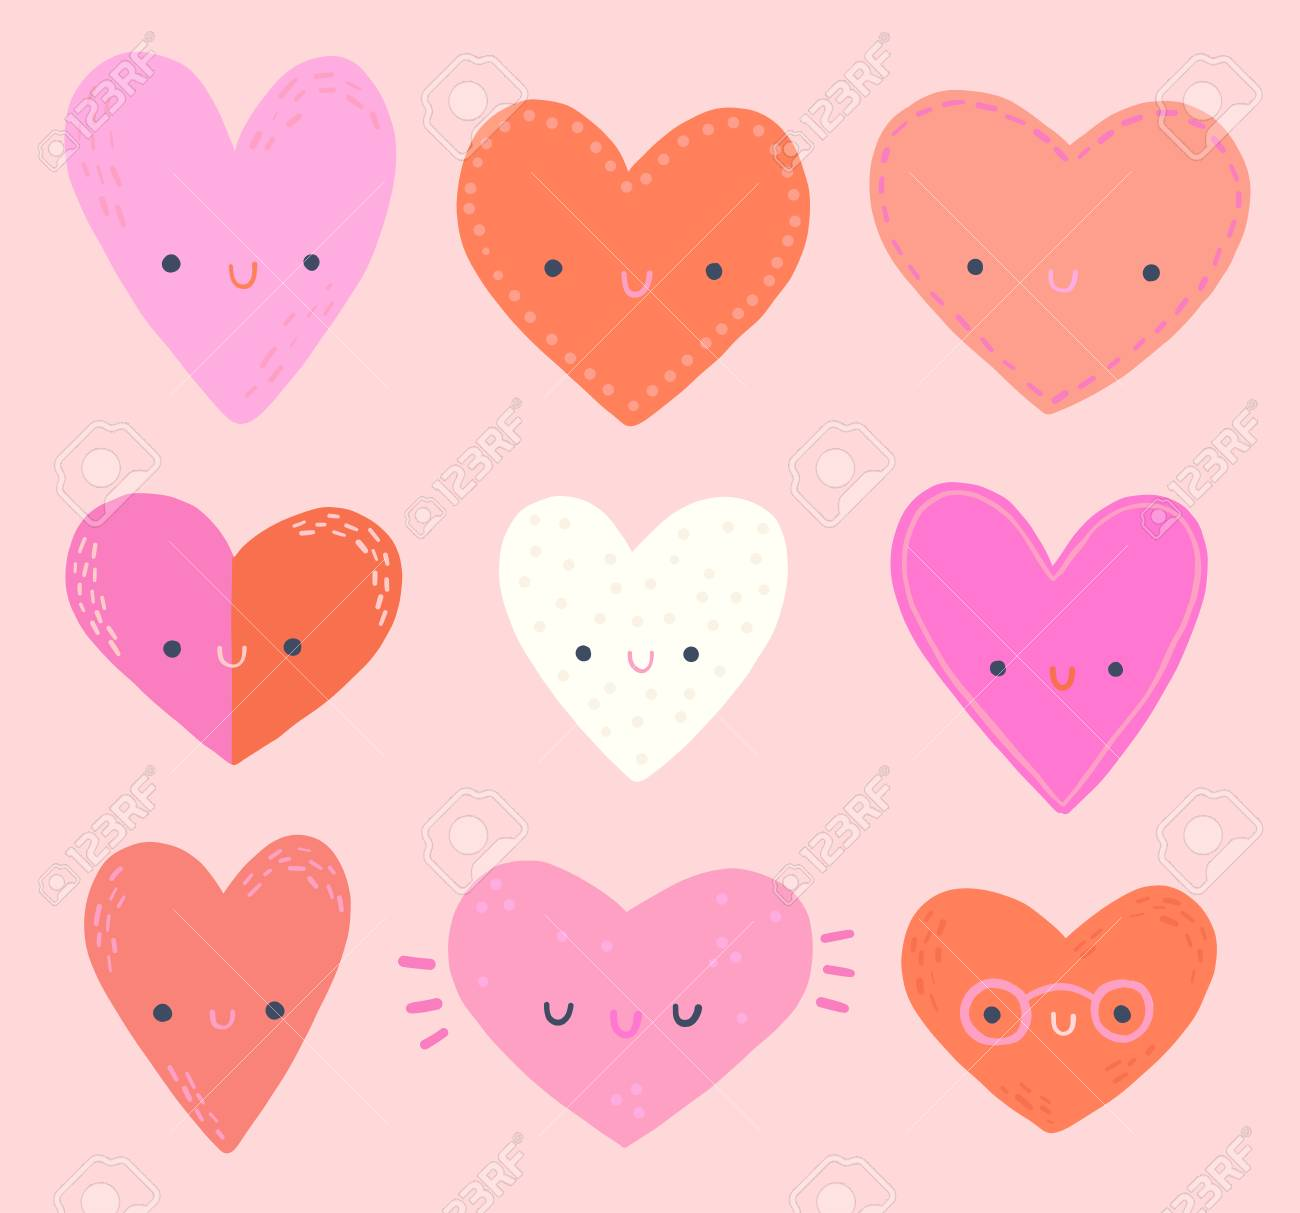 cute heart emoji faces clip art set royalty free cliparts, vectors